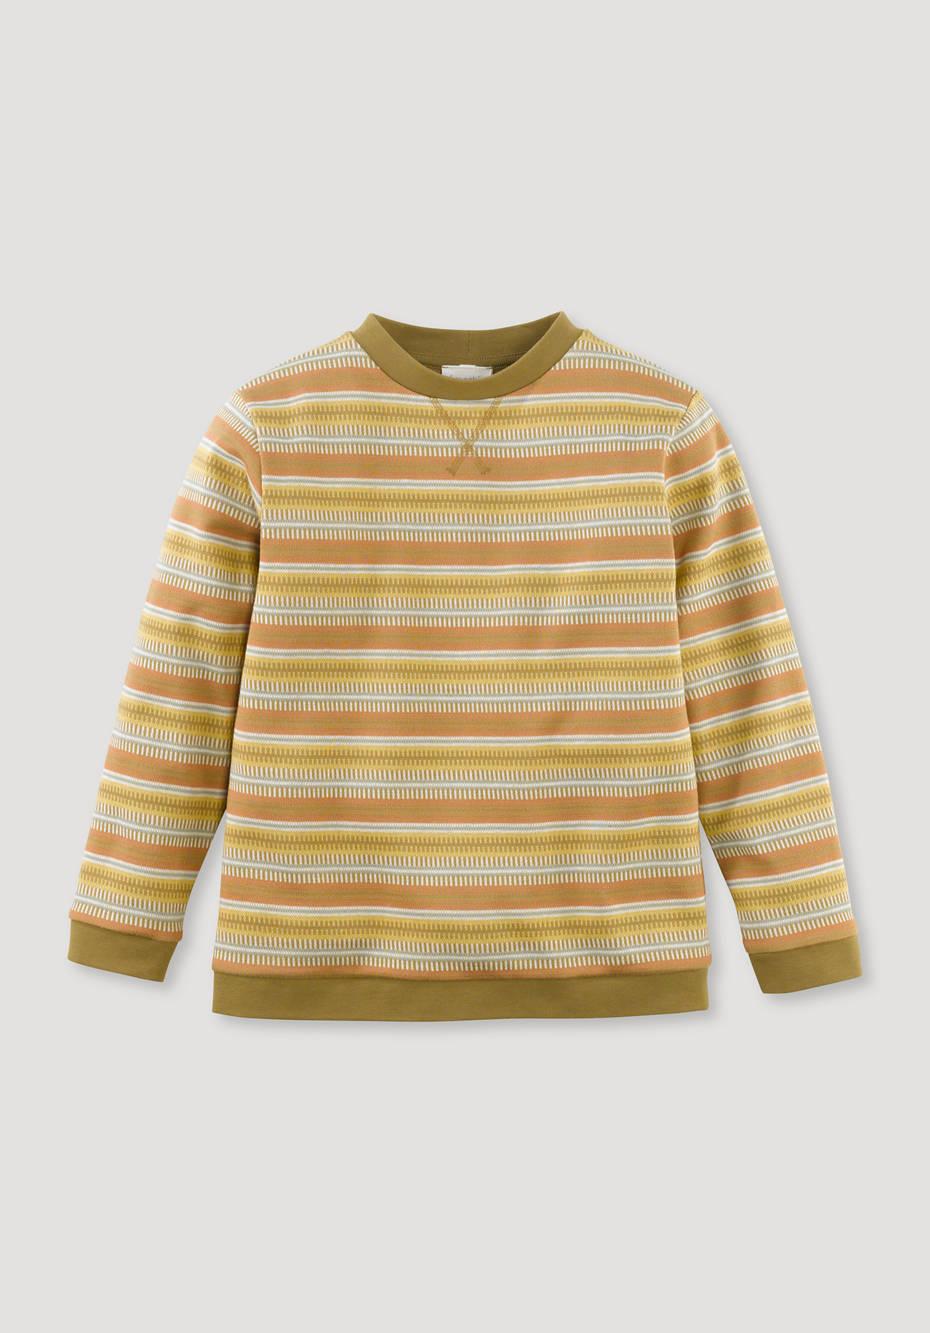 Jacquard-Sweatshirt aus reiner Bio-Baumwolle